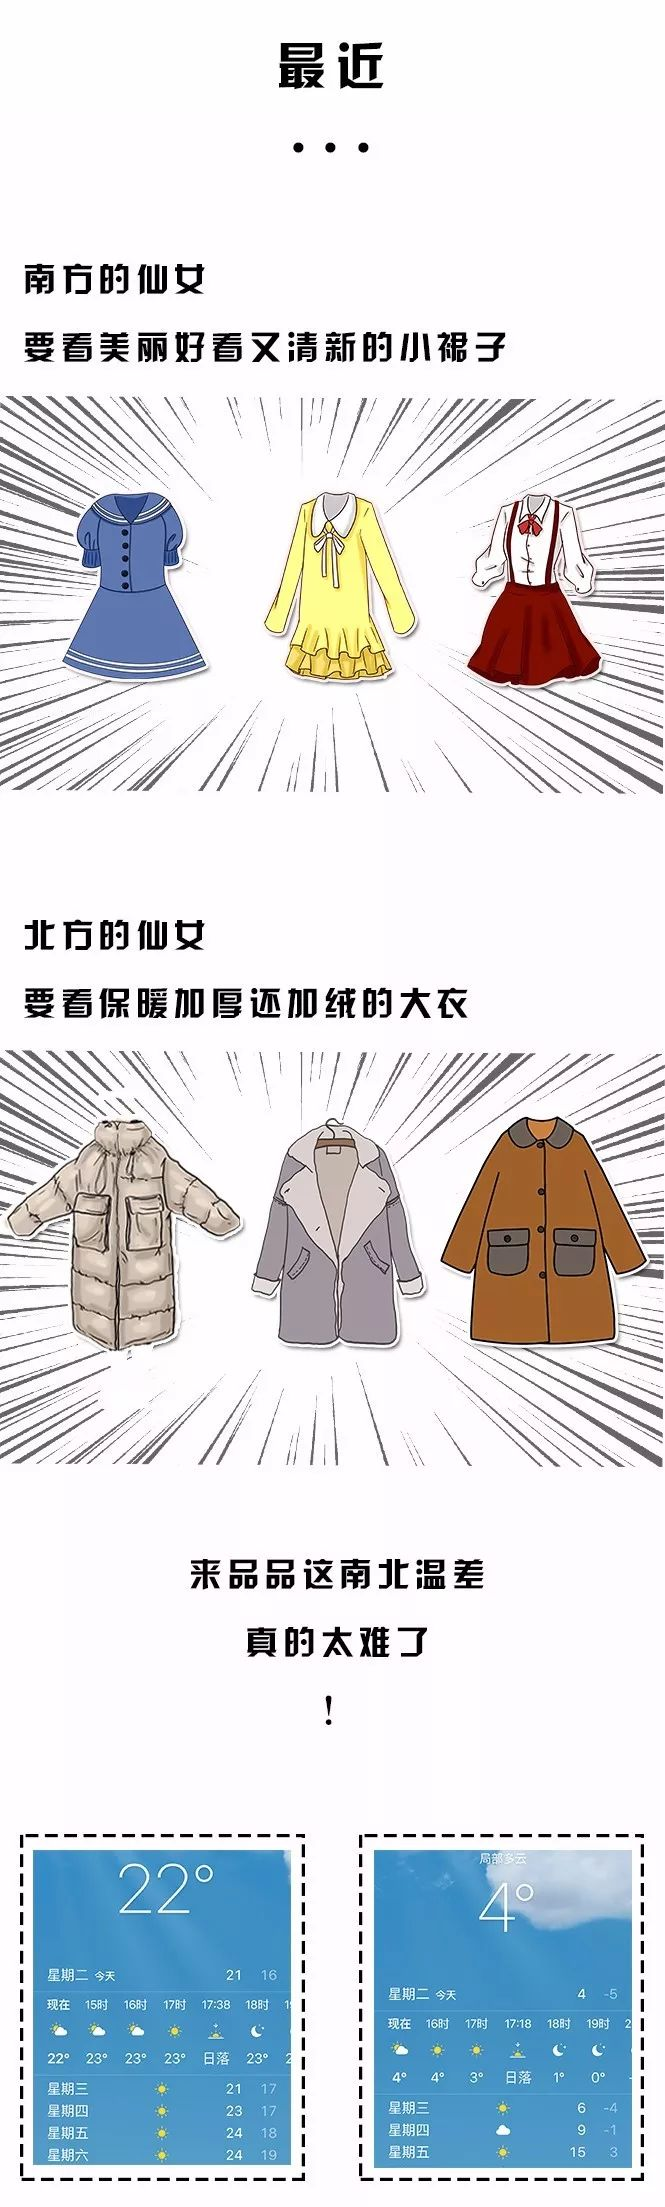 大衣里面穿什么好看?內搭這幾種美翻冬季!